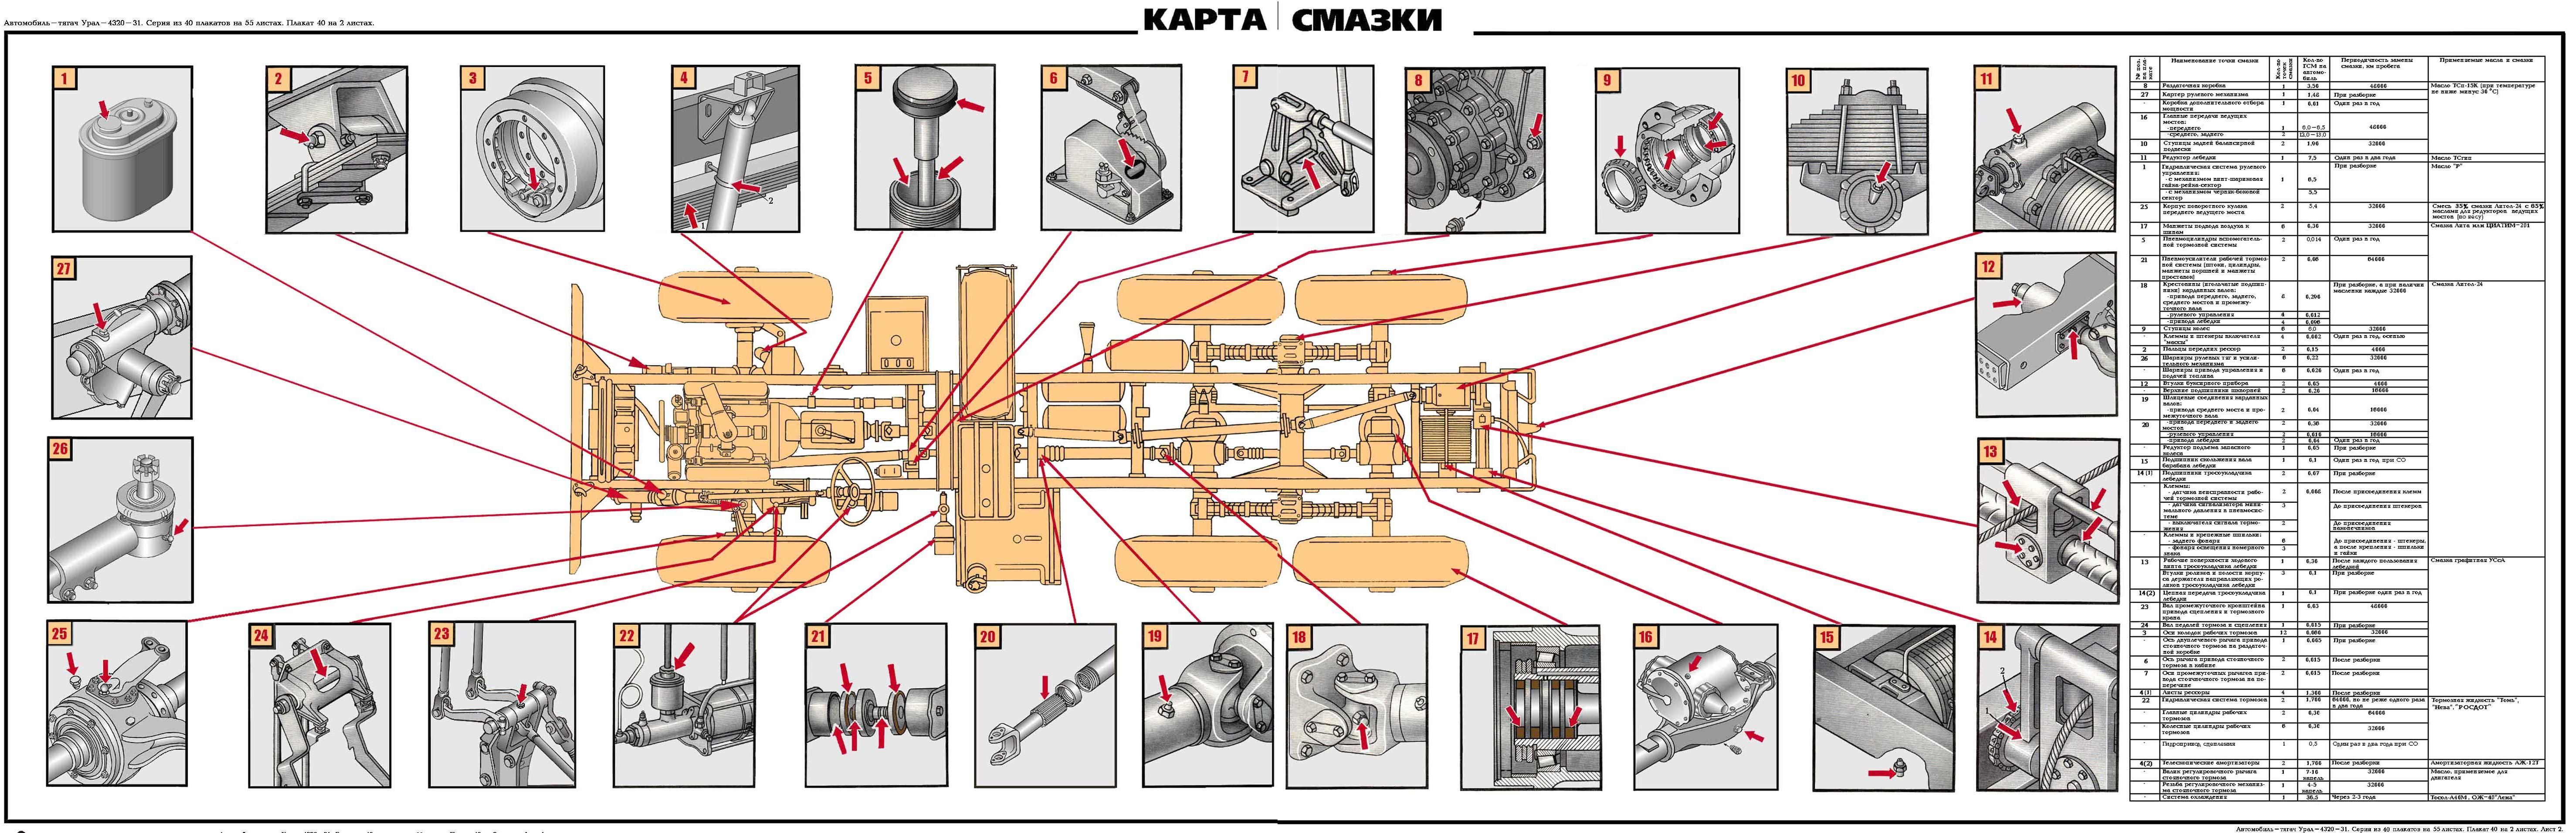 виды схем и элементы систем смазки дизелей